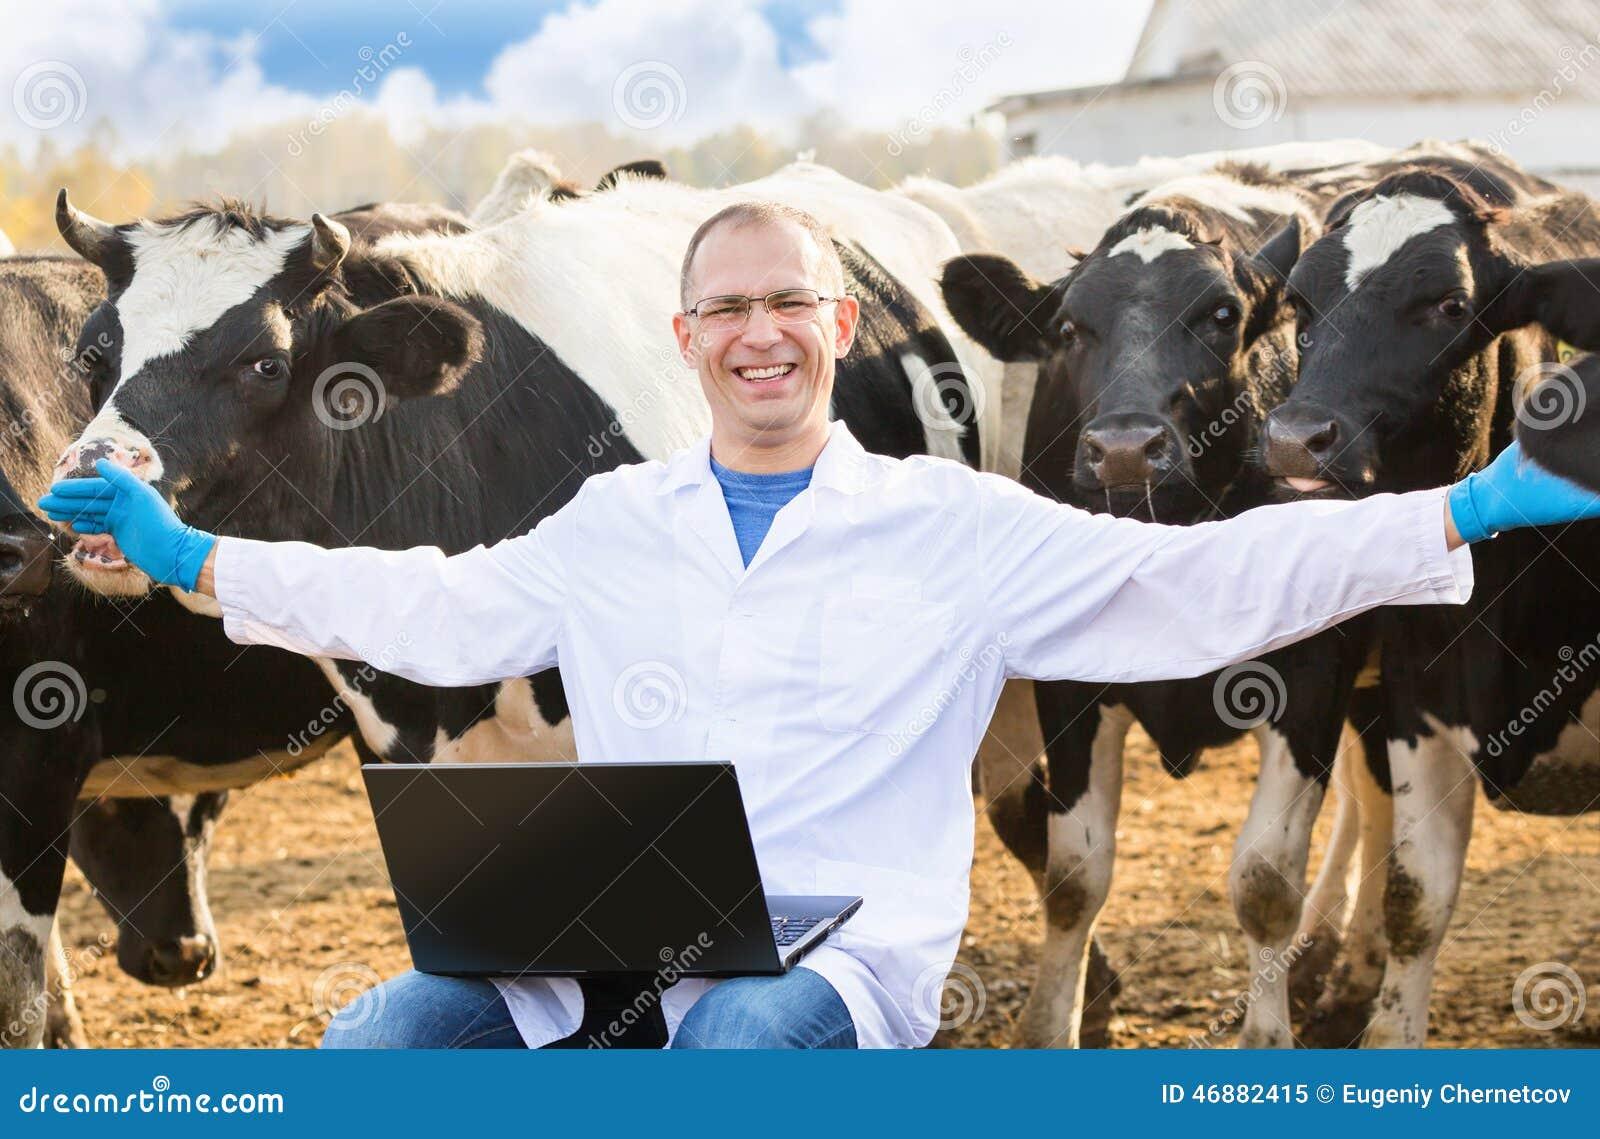 Ветеринар на скотинах фермы